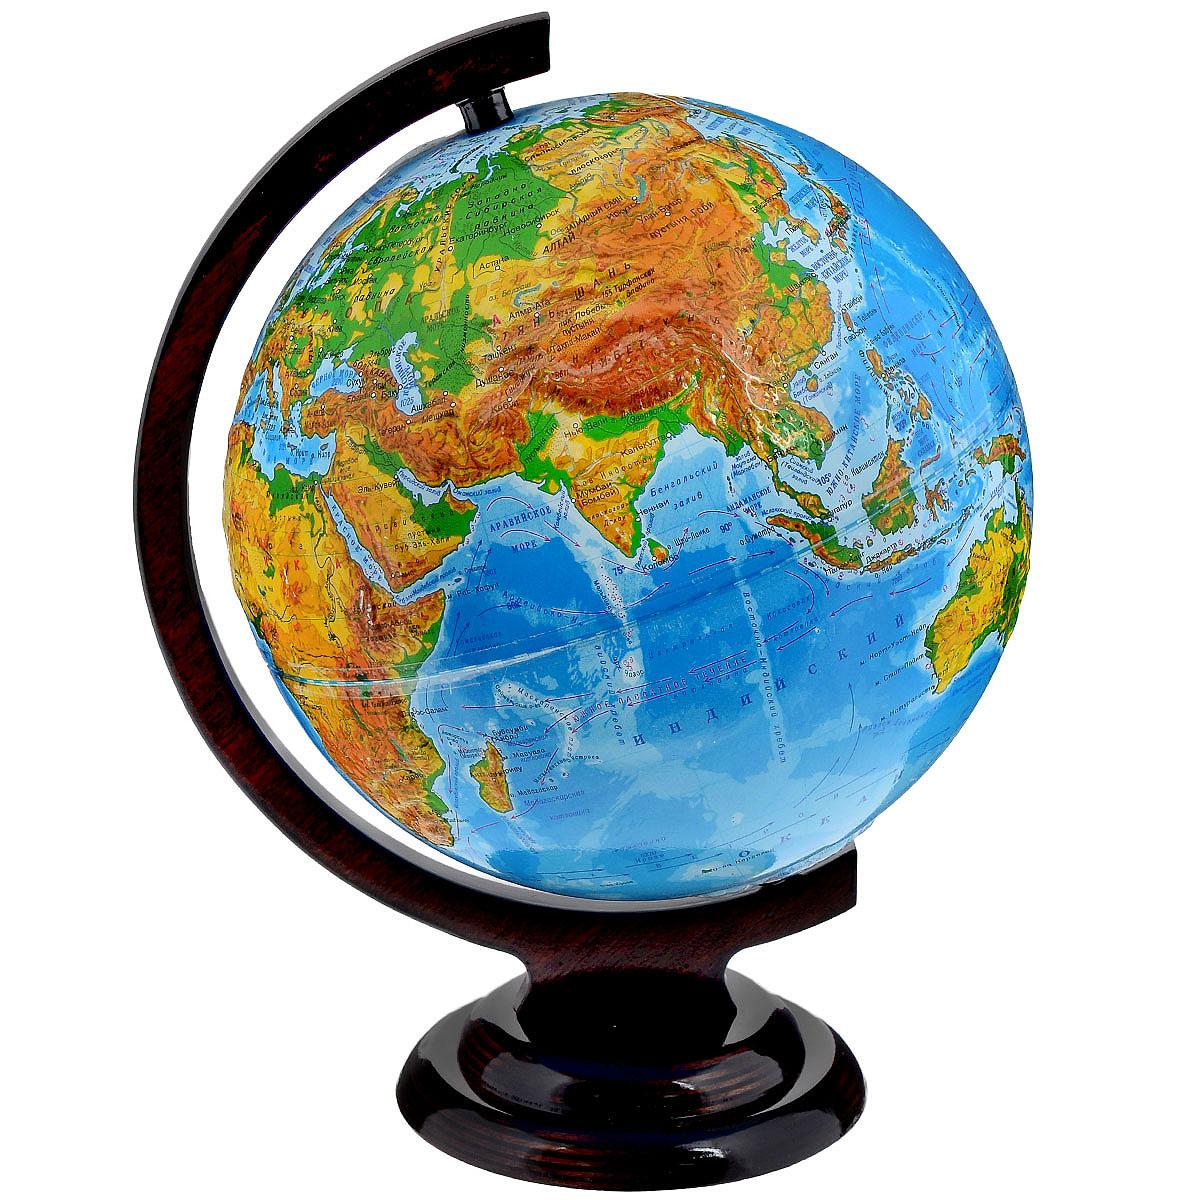 Глобусный мир Глобус с физической картой, рельефный, диаметр 25 см, на деревянной подставке10098Географический глобус с физической картой мира станет незаменимым атрибутом обучения не только школьника, но и студента. На глобусе отображены линии картографической сетки, гидрографическая сеть, рельеф суши и морского дна, крупнейшие населенные пункты, теплые и холодные течения. Глобус является уменьшенной и практически не искаженной моделью Земли и предназначен для использования в качестве наглядного картографического пособия, а также для украшения интерьера квартир, кабинетов и офисов. Красочность, повышенная наглядность визуального восприятия взаимосвязей, отображенных на глобусе объектов и явлений, в сочетании с простотой выполнения по нему различных измерений делают глобус доступным широкому кругу потребителей для получения разнообразной познавательной, научной и справочной информации о Земле. Масштаб: 1:50000000.